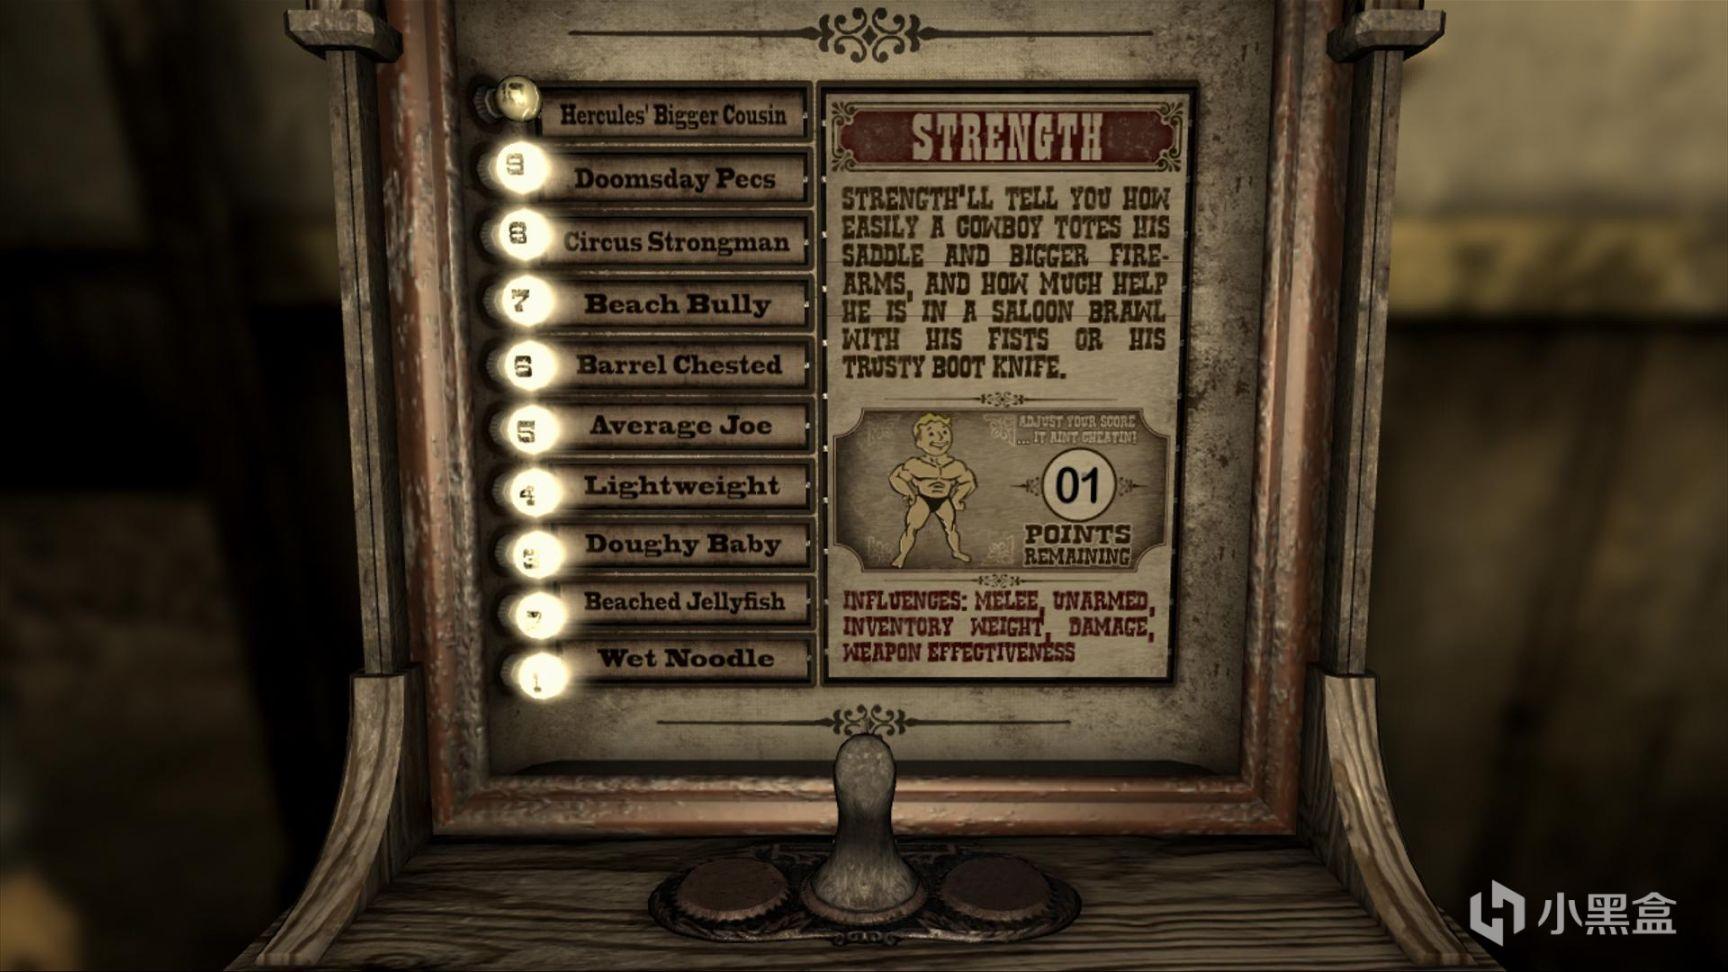 Steam每日特惠《辐射》系列《极乐迪斯科》《国王的恩赐2》等游戏优惠促销中插图8